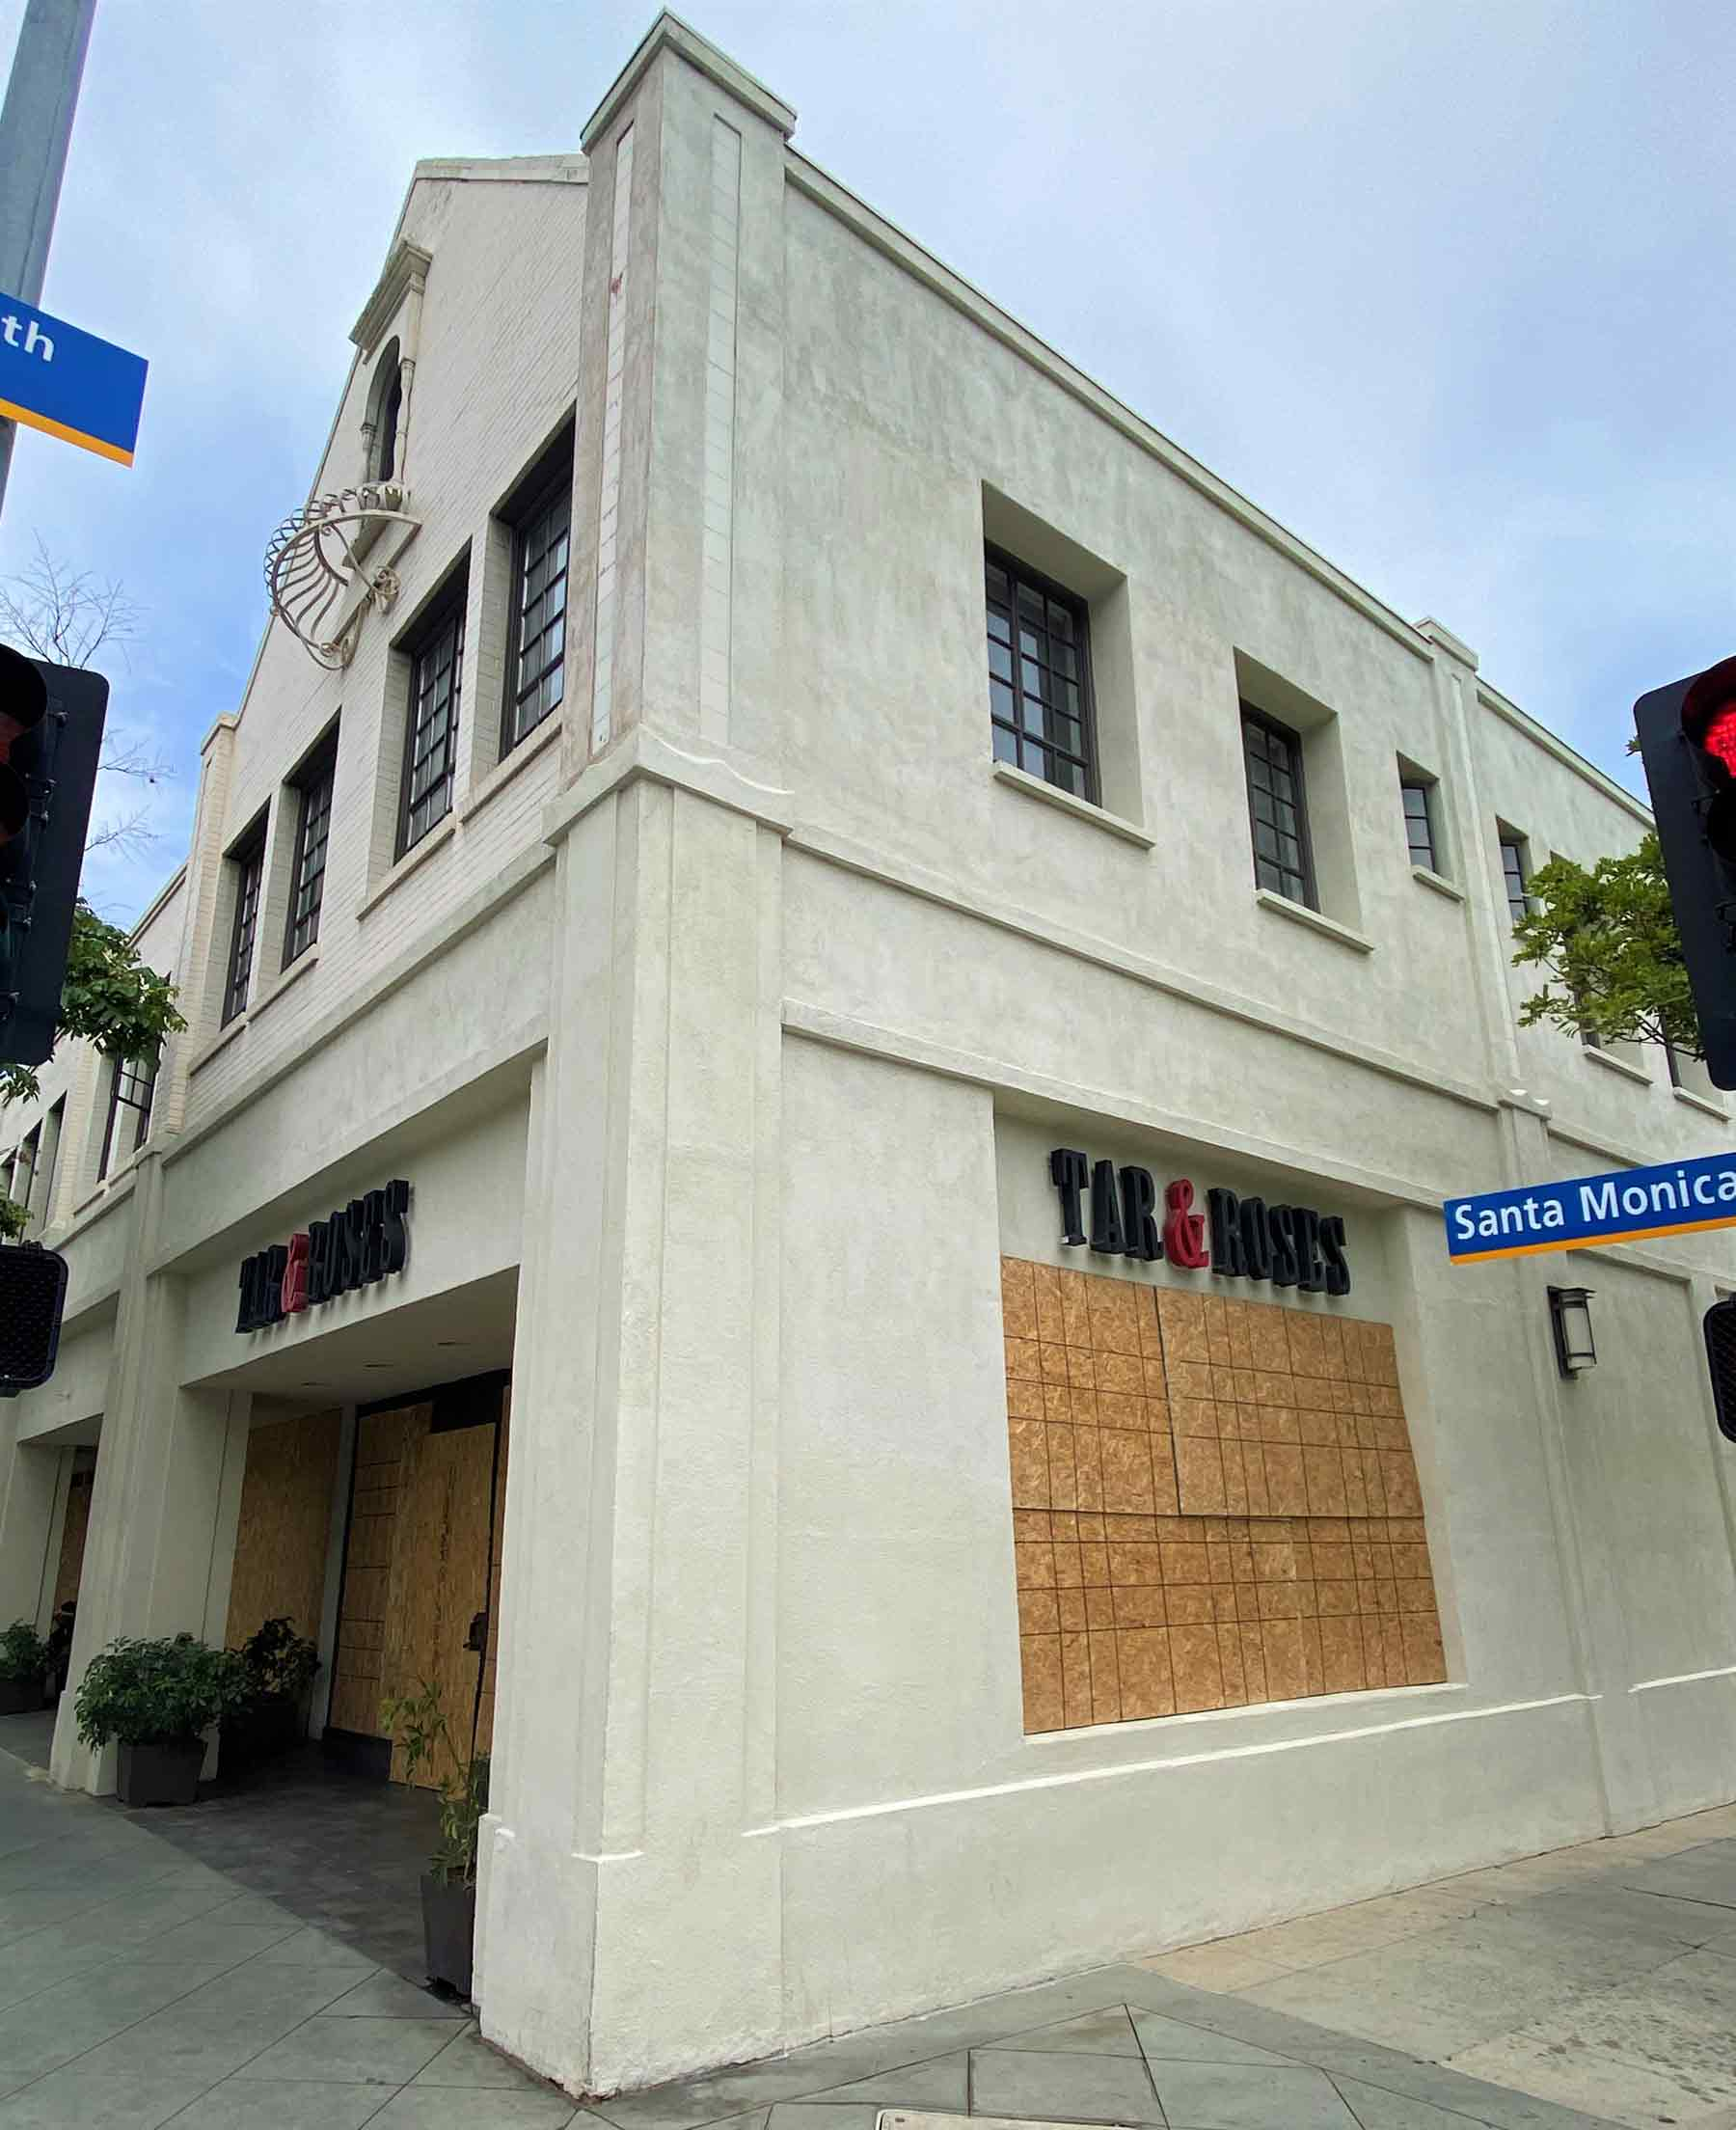 Looting In Santa Monica May 31 2020